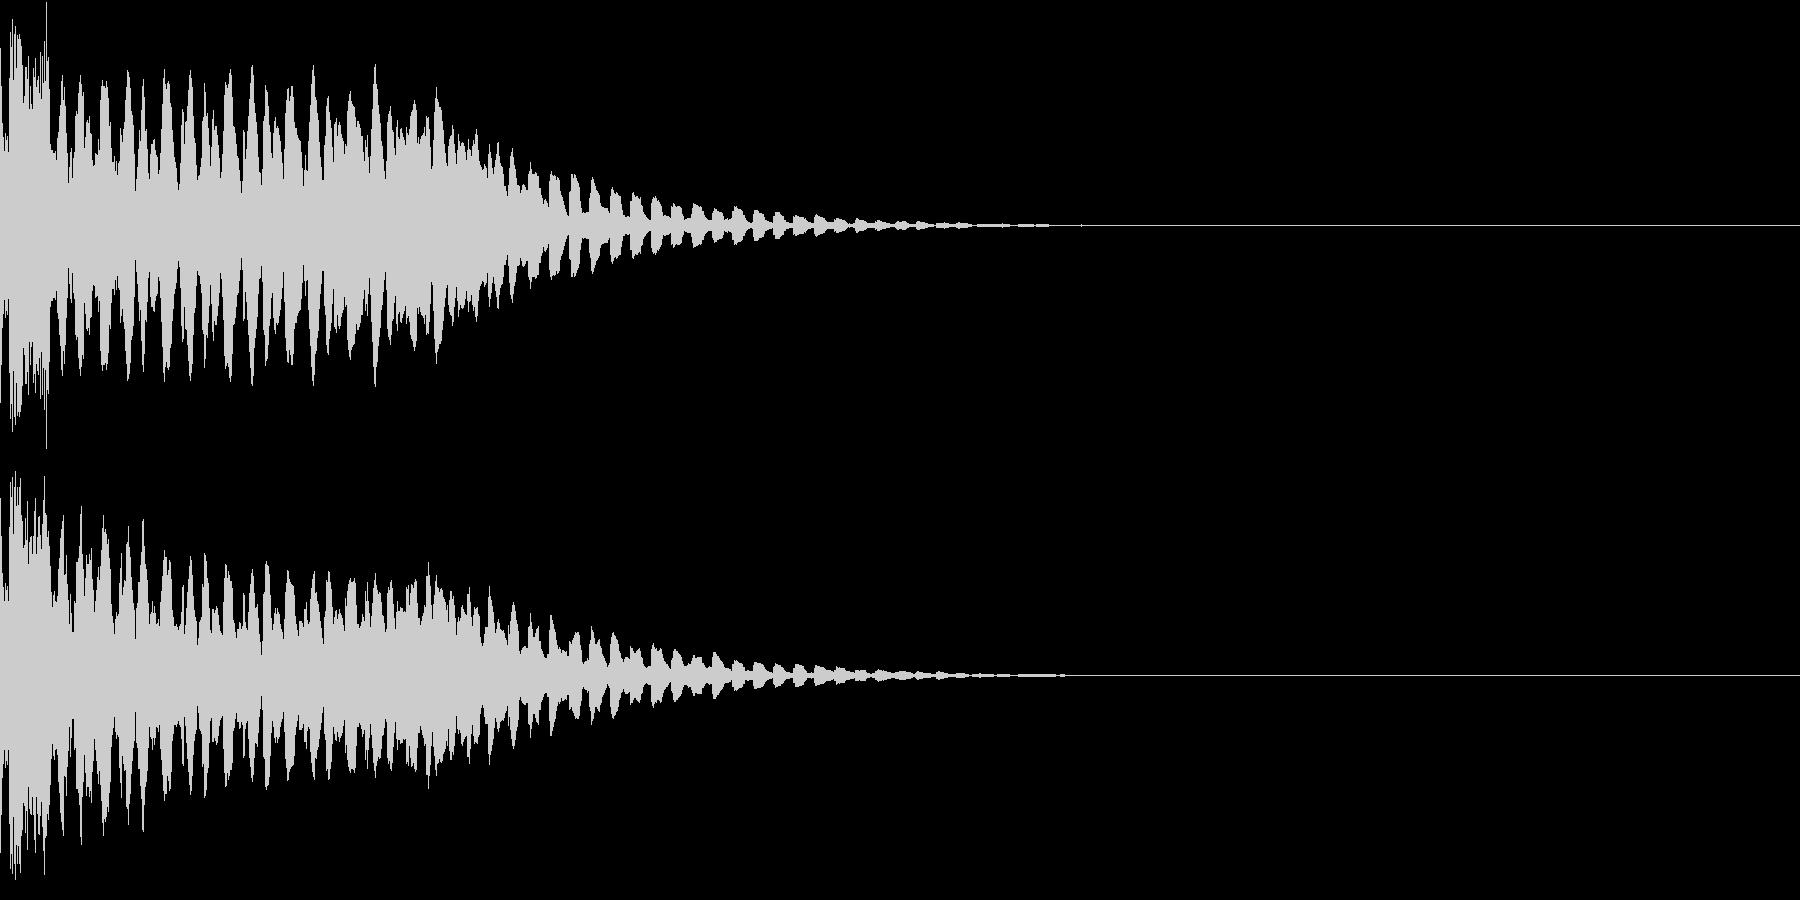 キュイン ボタン ピキーン キーン 30の未再生の波形